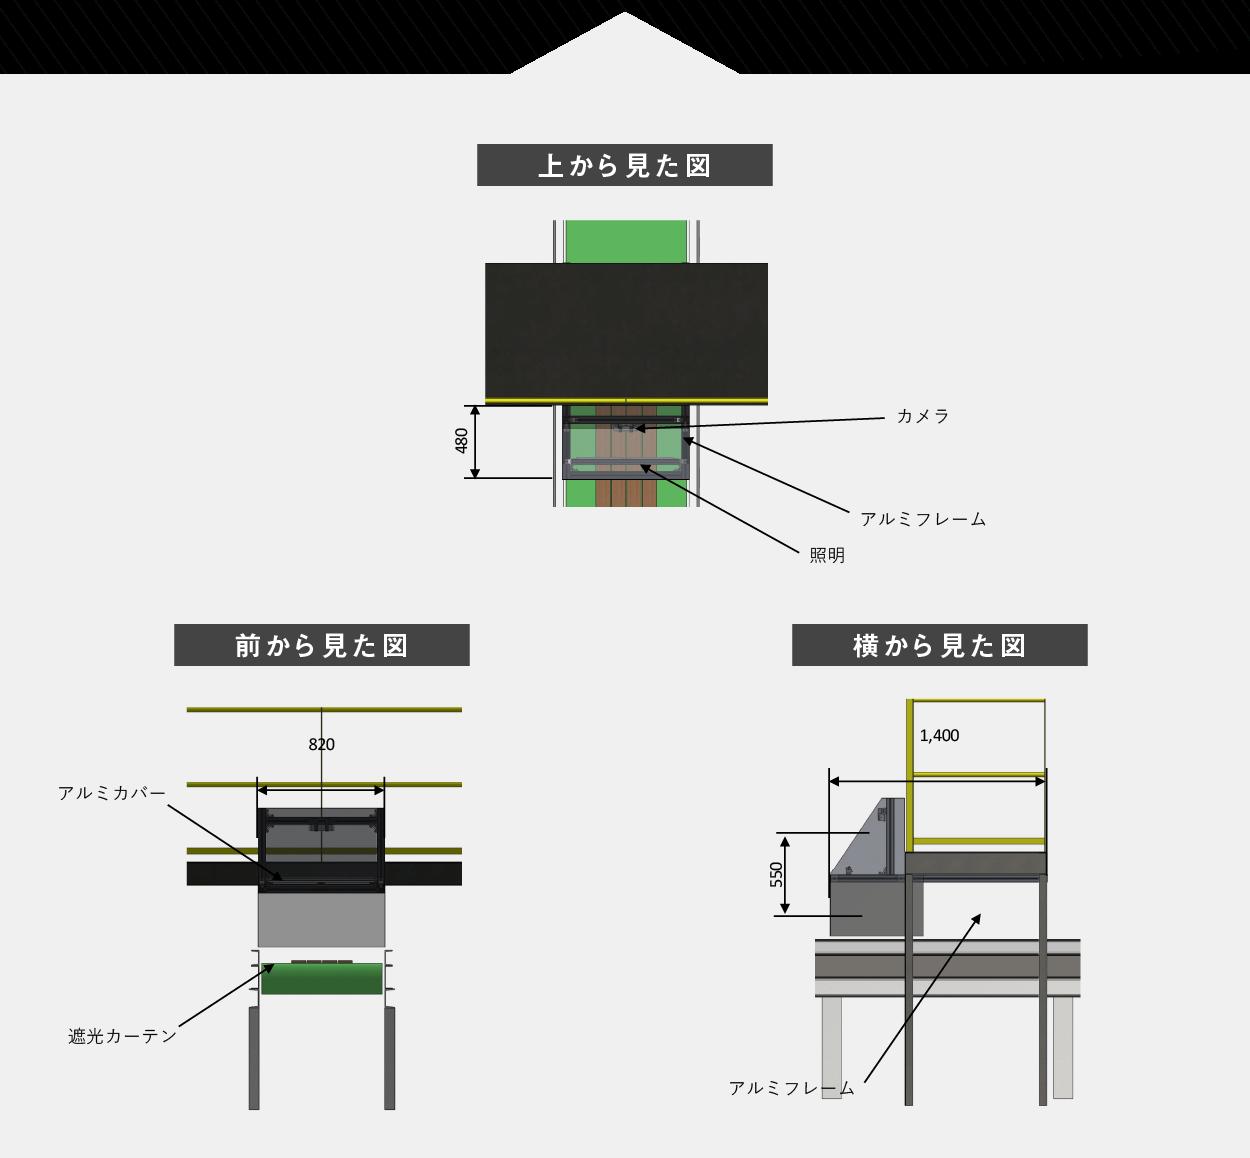 【塗布検査装置】イメージ図2(詳細:上・前・横から見た図)